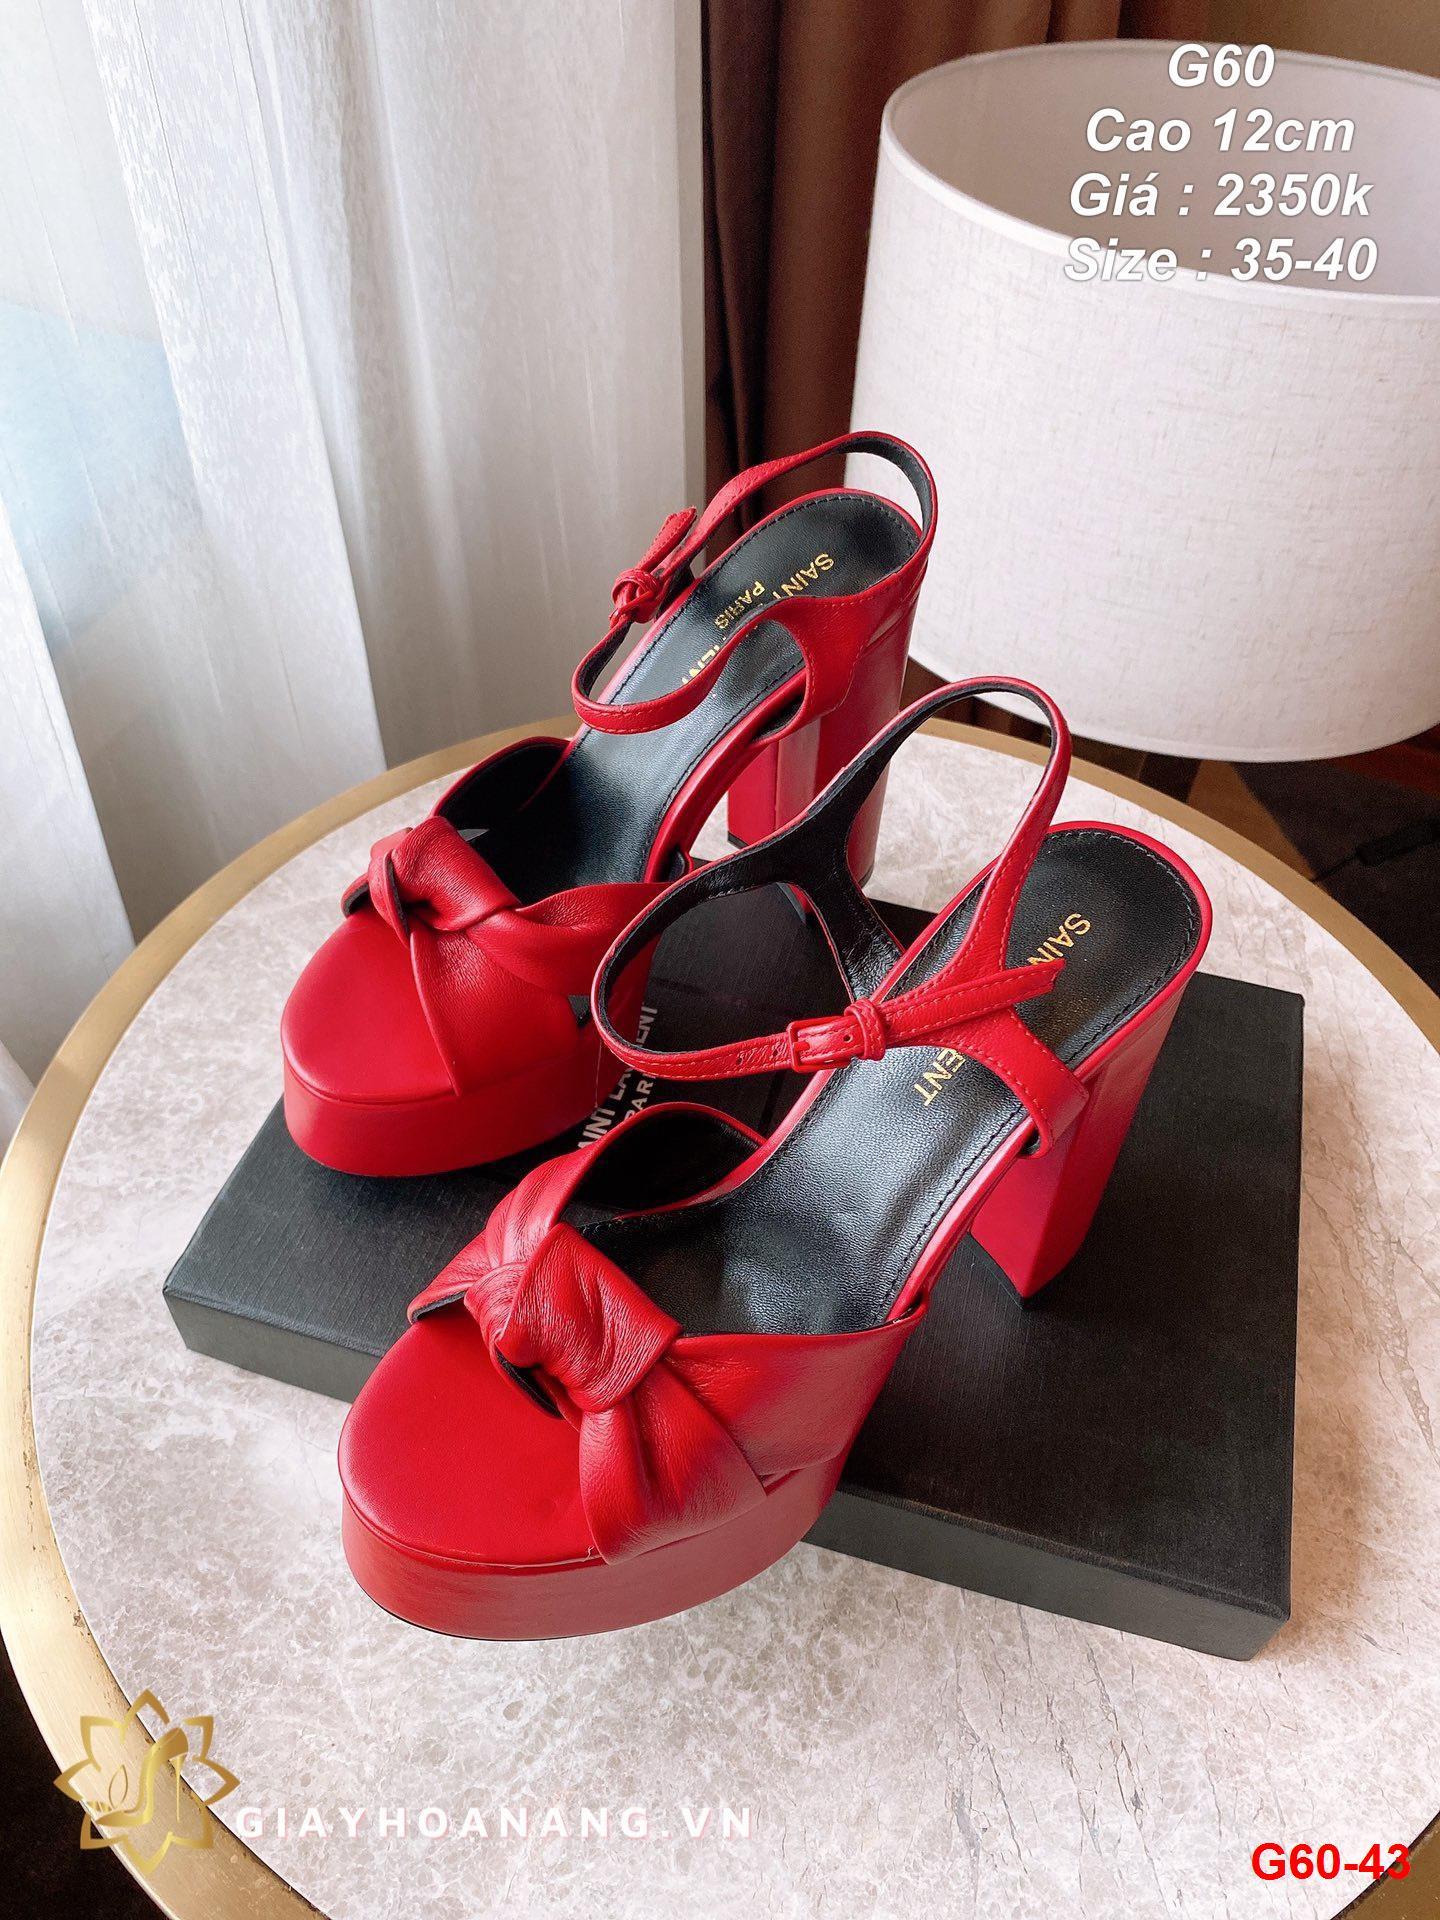 G60-43 Saint Laurent sandal cao 12cm siêu cấp